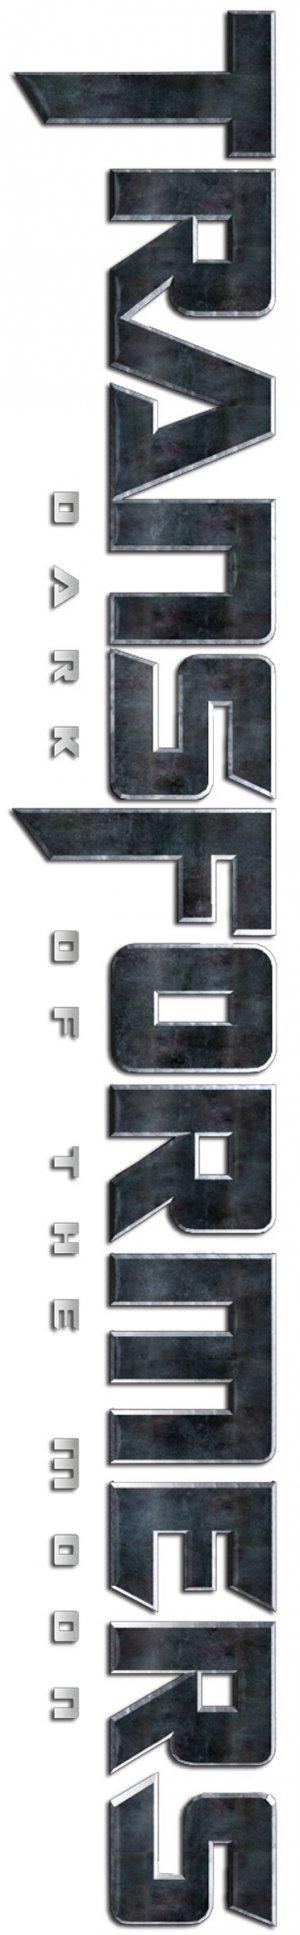 Transformers 3: Die dunkle Seite des Mondes 372x2400